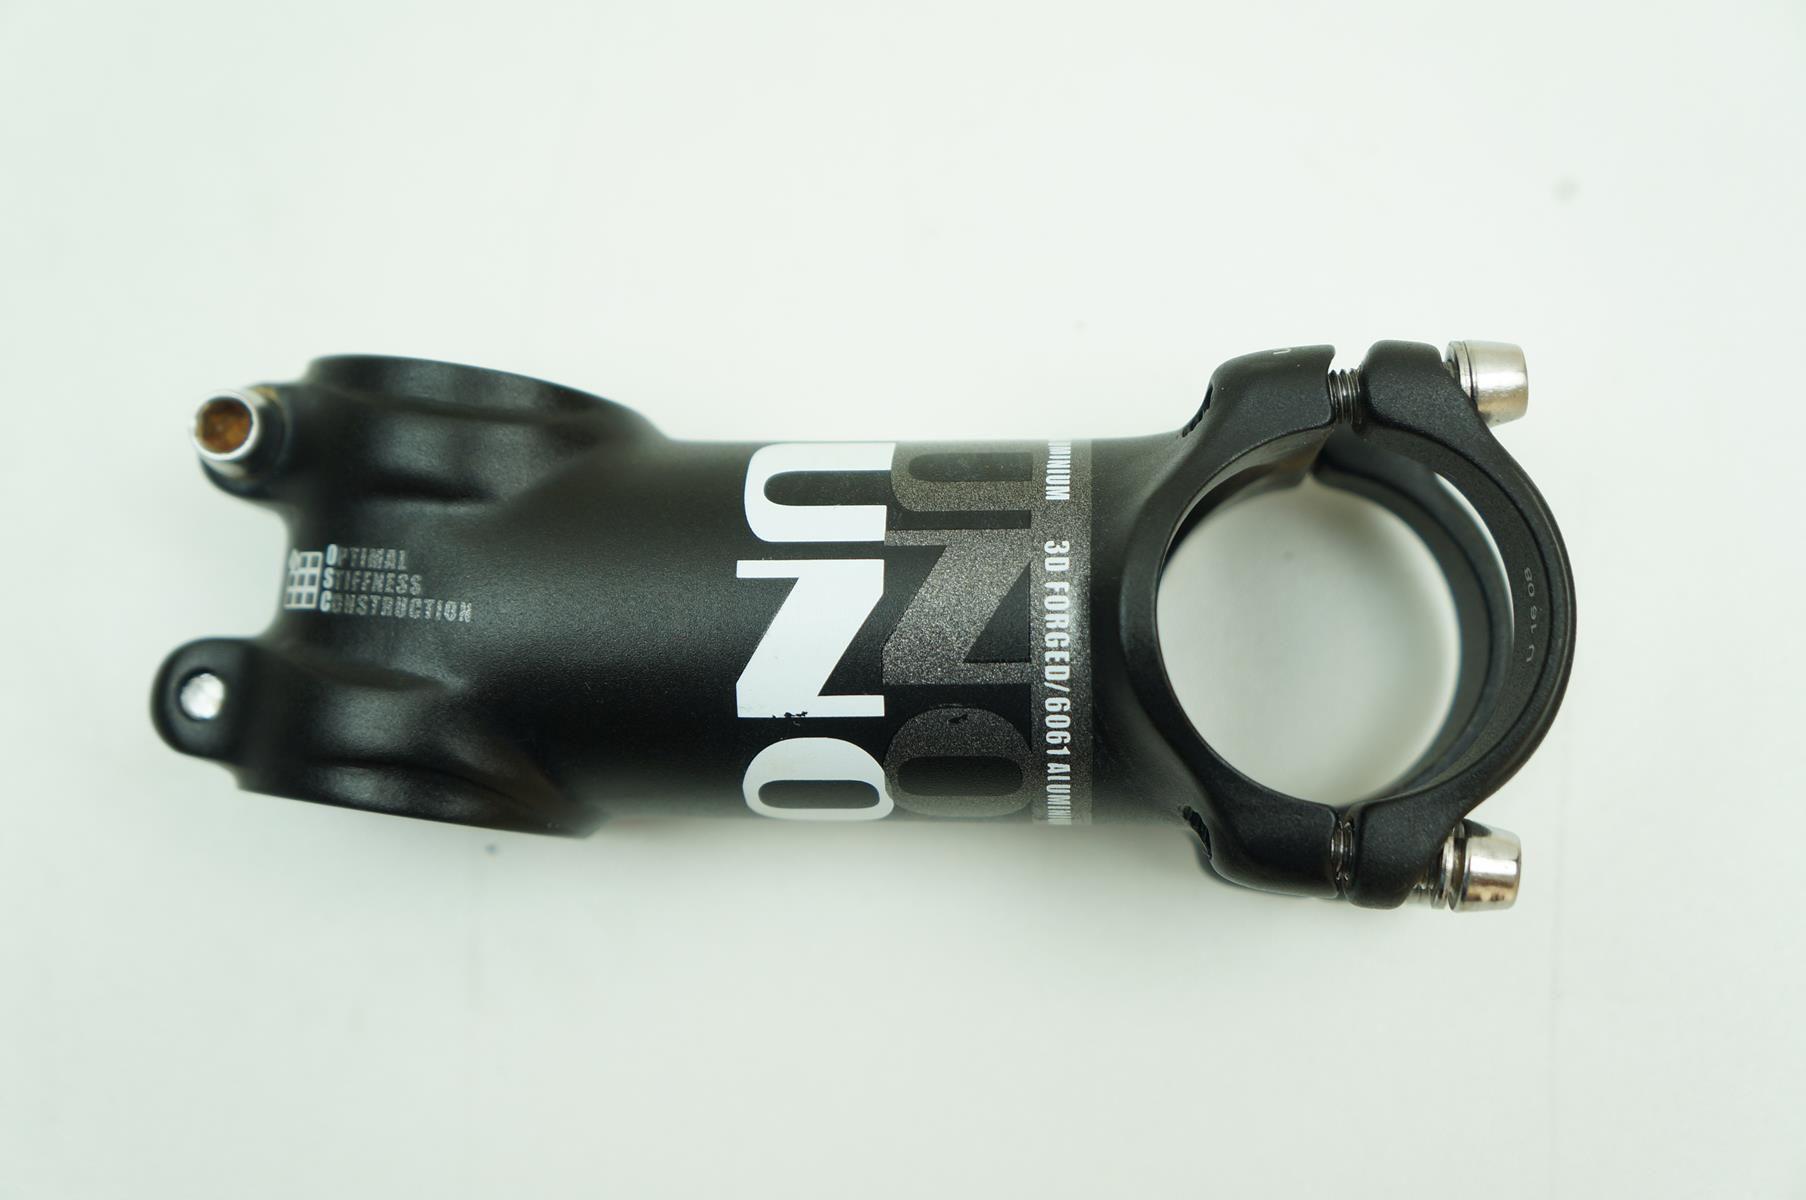 Mesa Bicicleta Uno AS025 80mm 7º graus Inclinação 31.8mm Preta 89 gramas - USADO